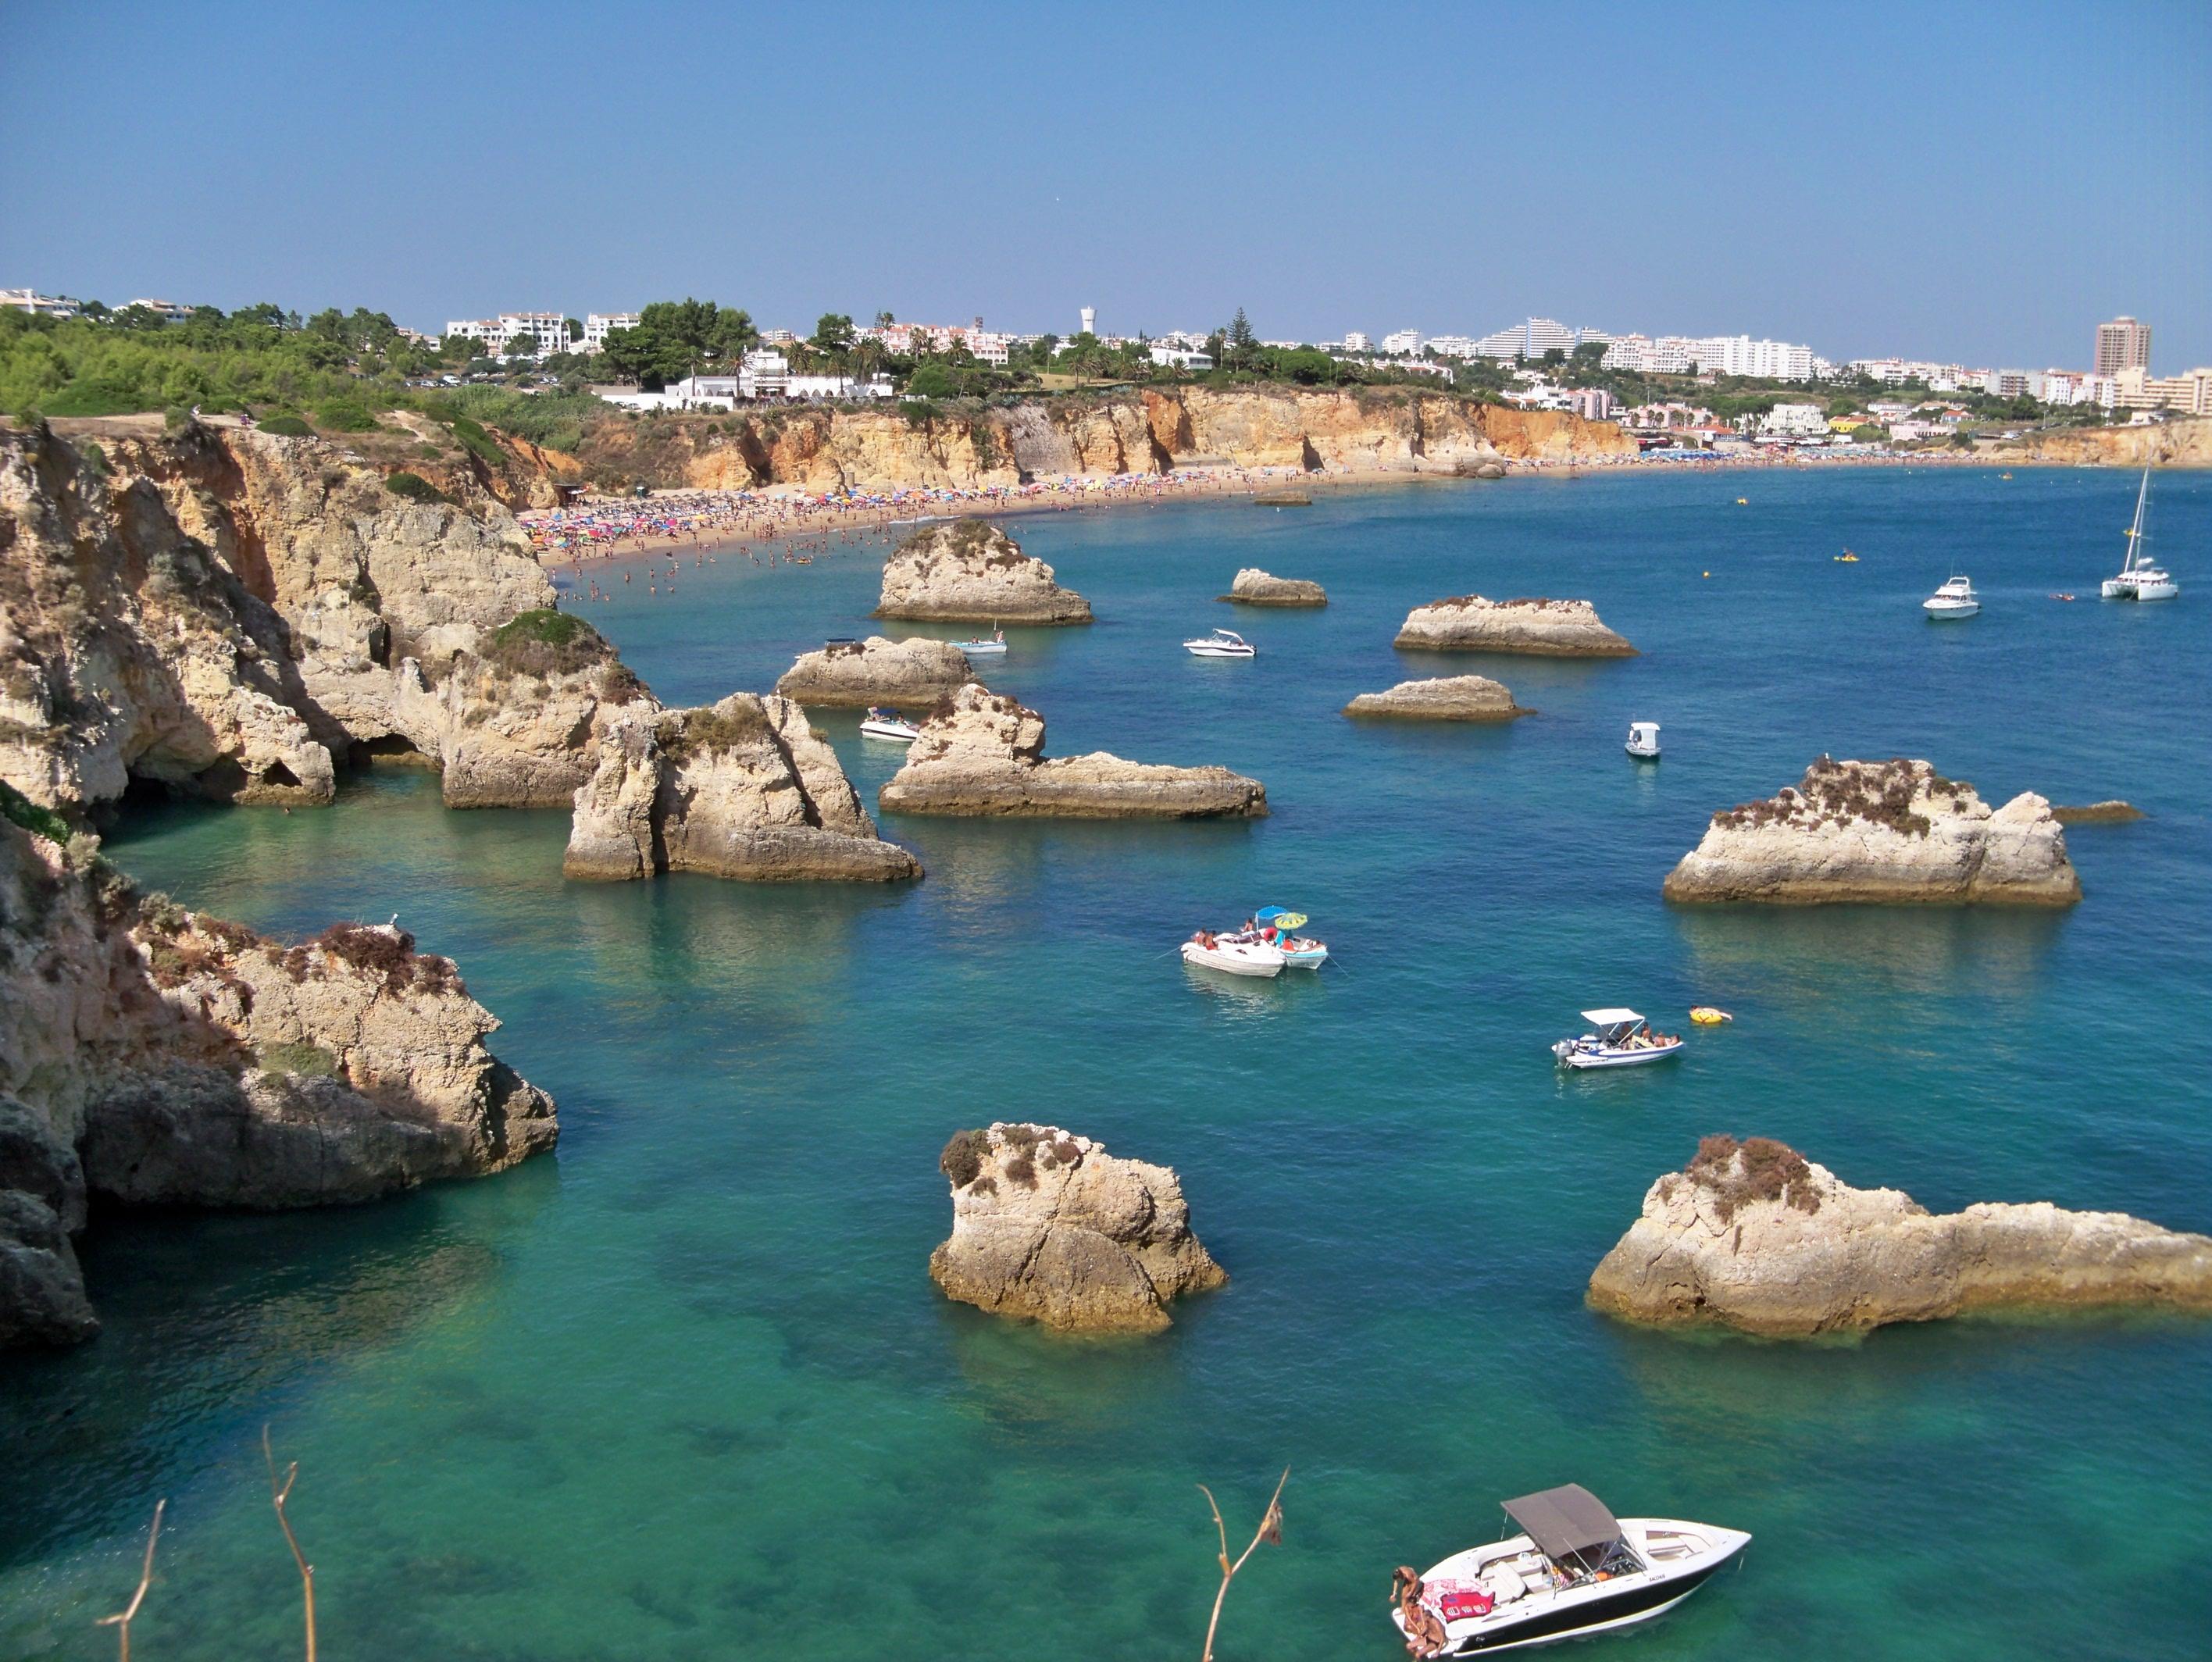 Melhores Praias de Portugal Algarve as Melhores Praias